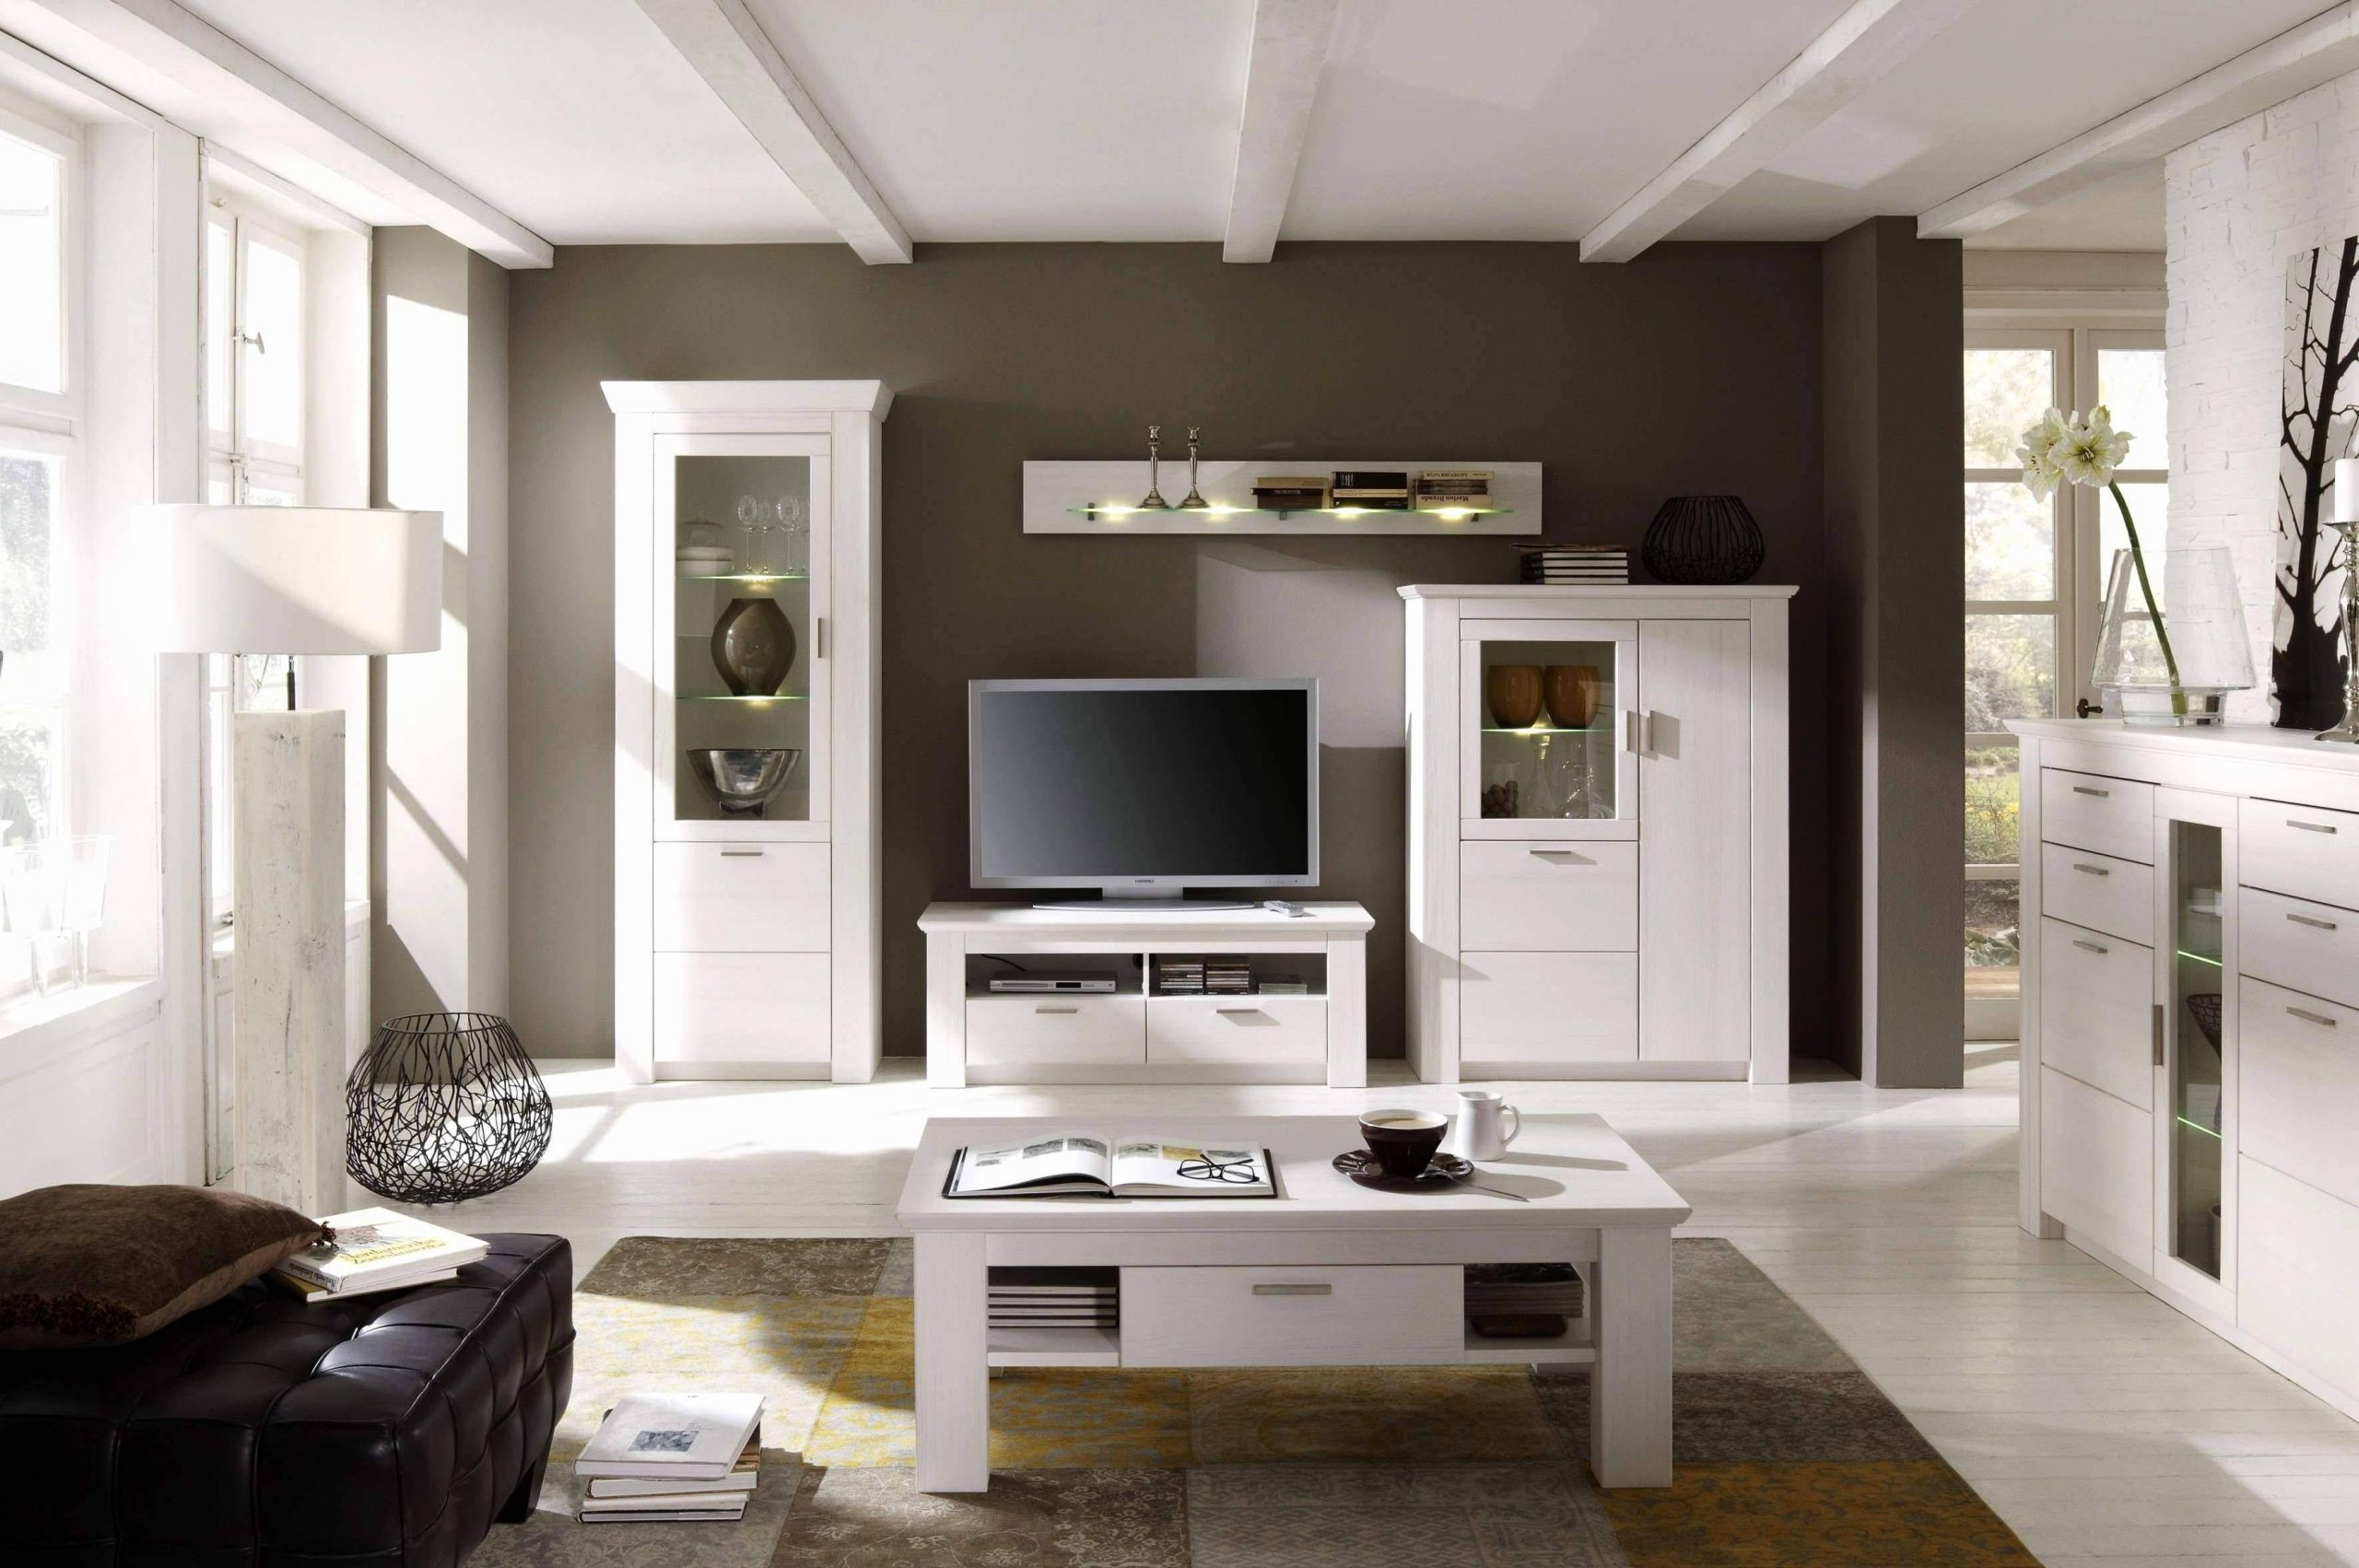 wohnzimmer neu gestalten vorher nachher reizend wohnzimmer neu gestalten ideen lovely 41 einzigartig of wohnzimmer neu gestalten vorher nachher